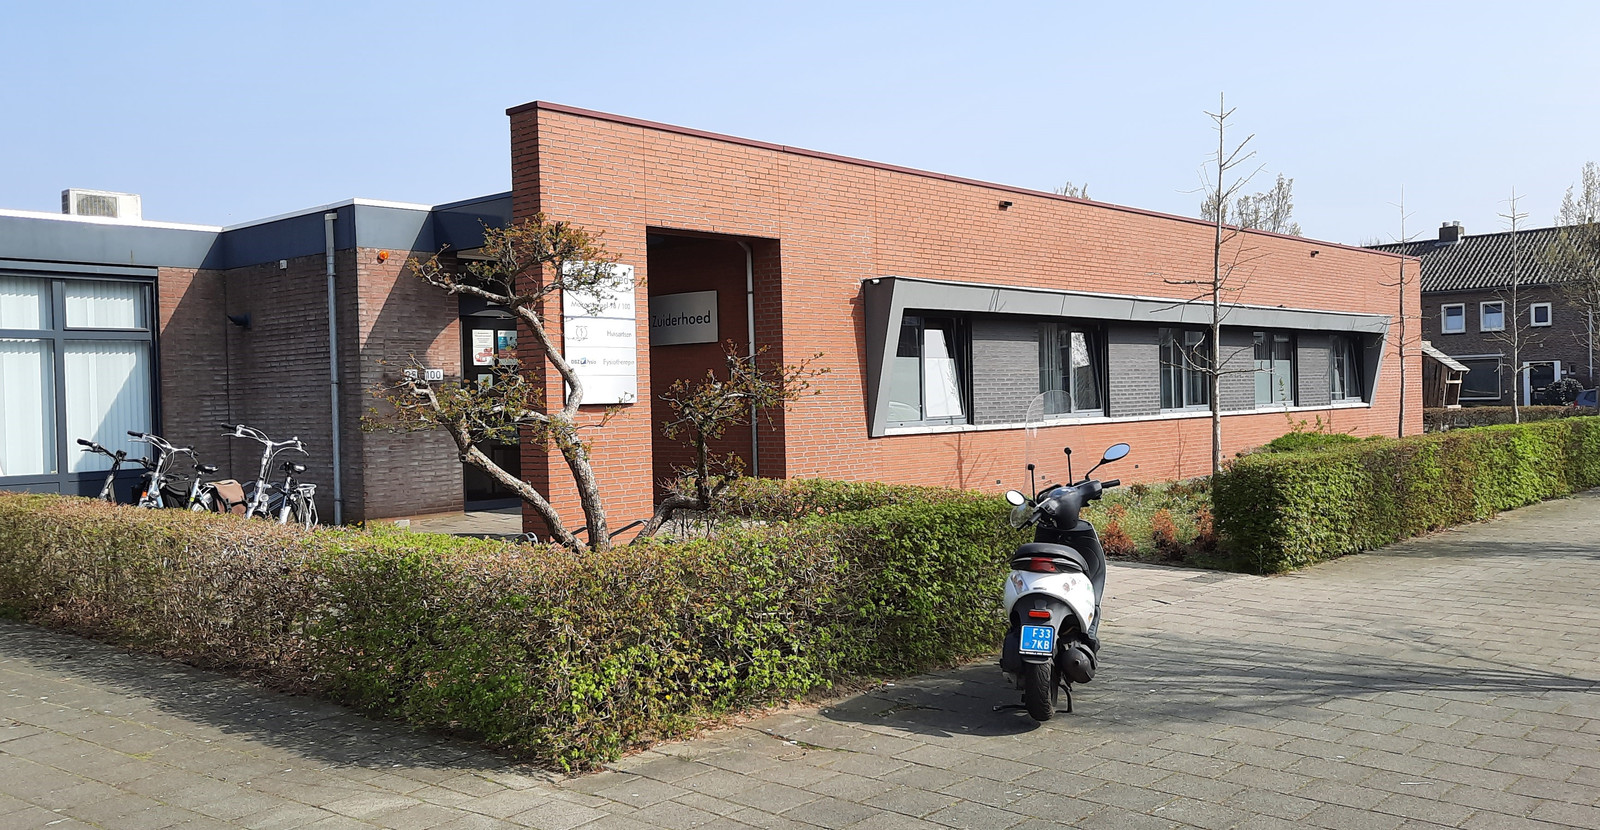 De huisartsenpraktijk Zuiderhoed aan de Mozartsingel is veel te klein.